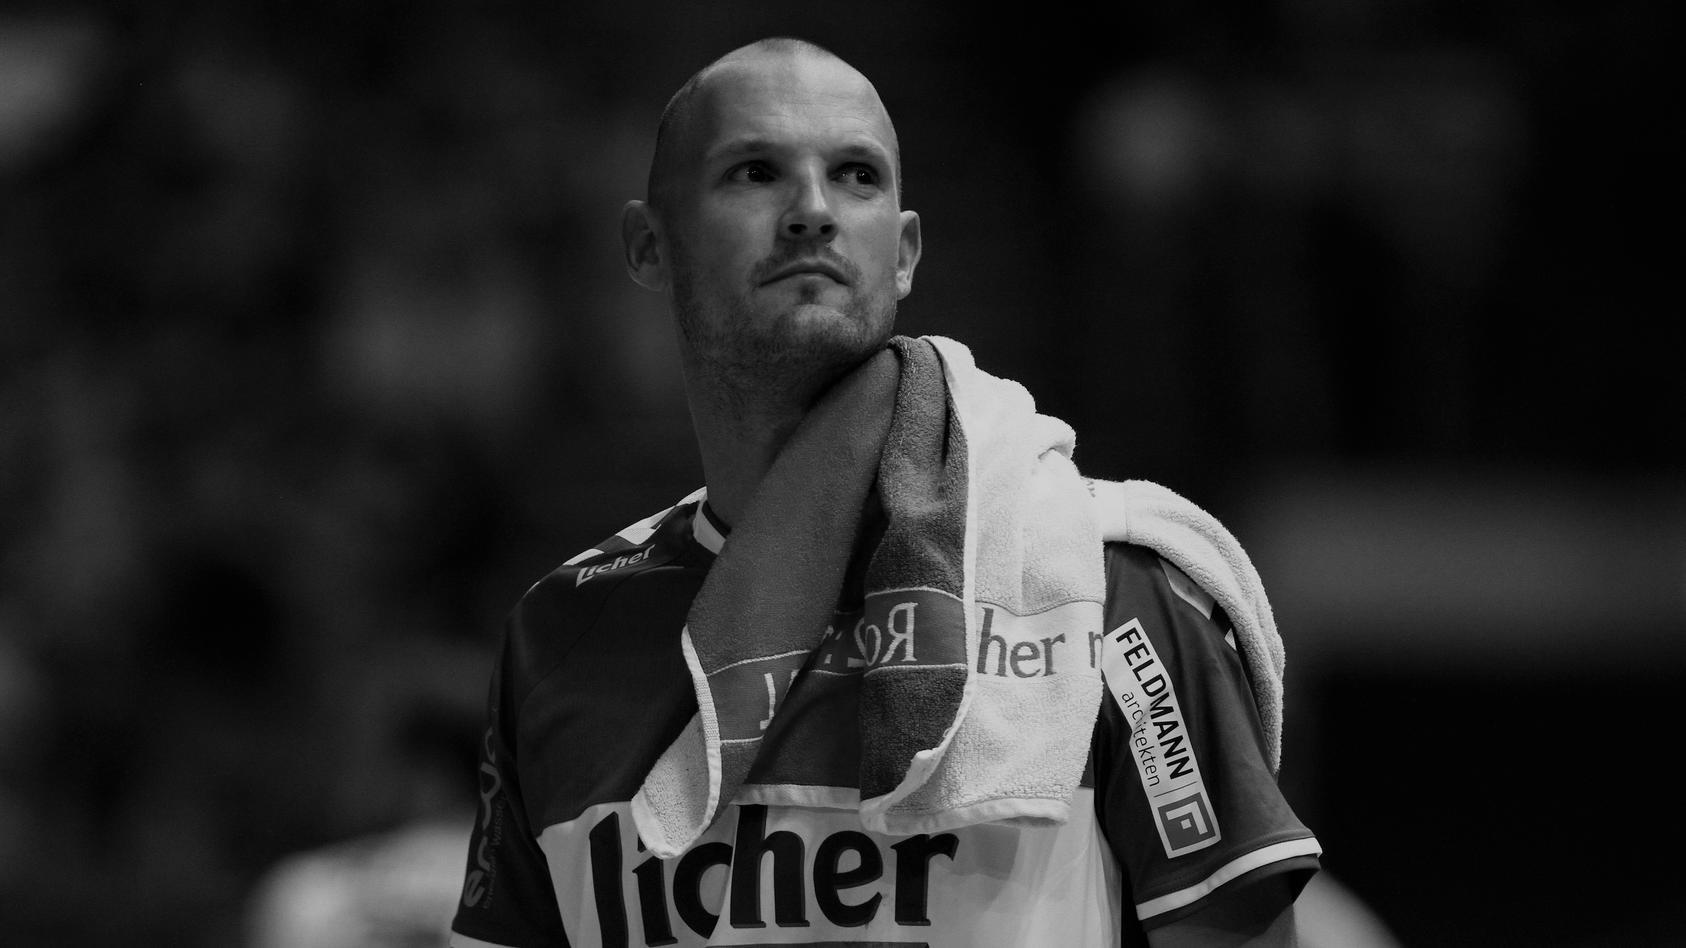 Nach schwerer Krankheit verstarb Jens Tiedtke im Alter von 39 Jahren.